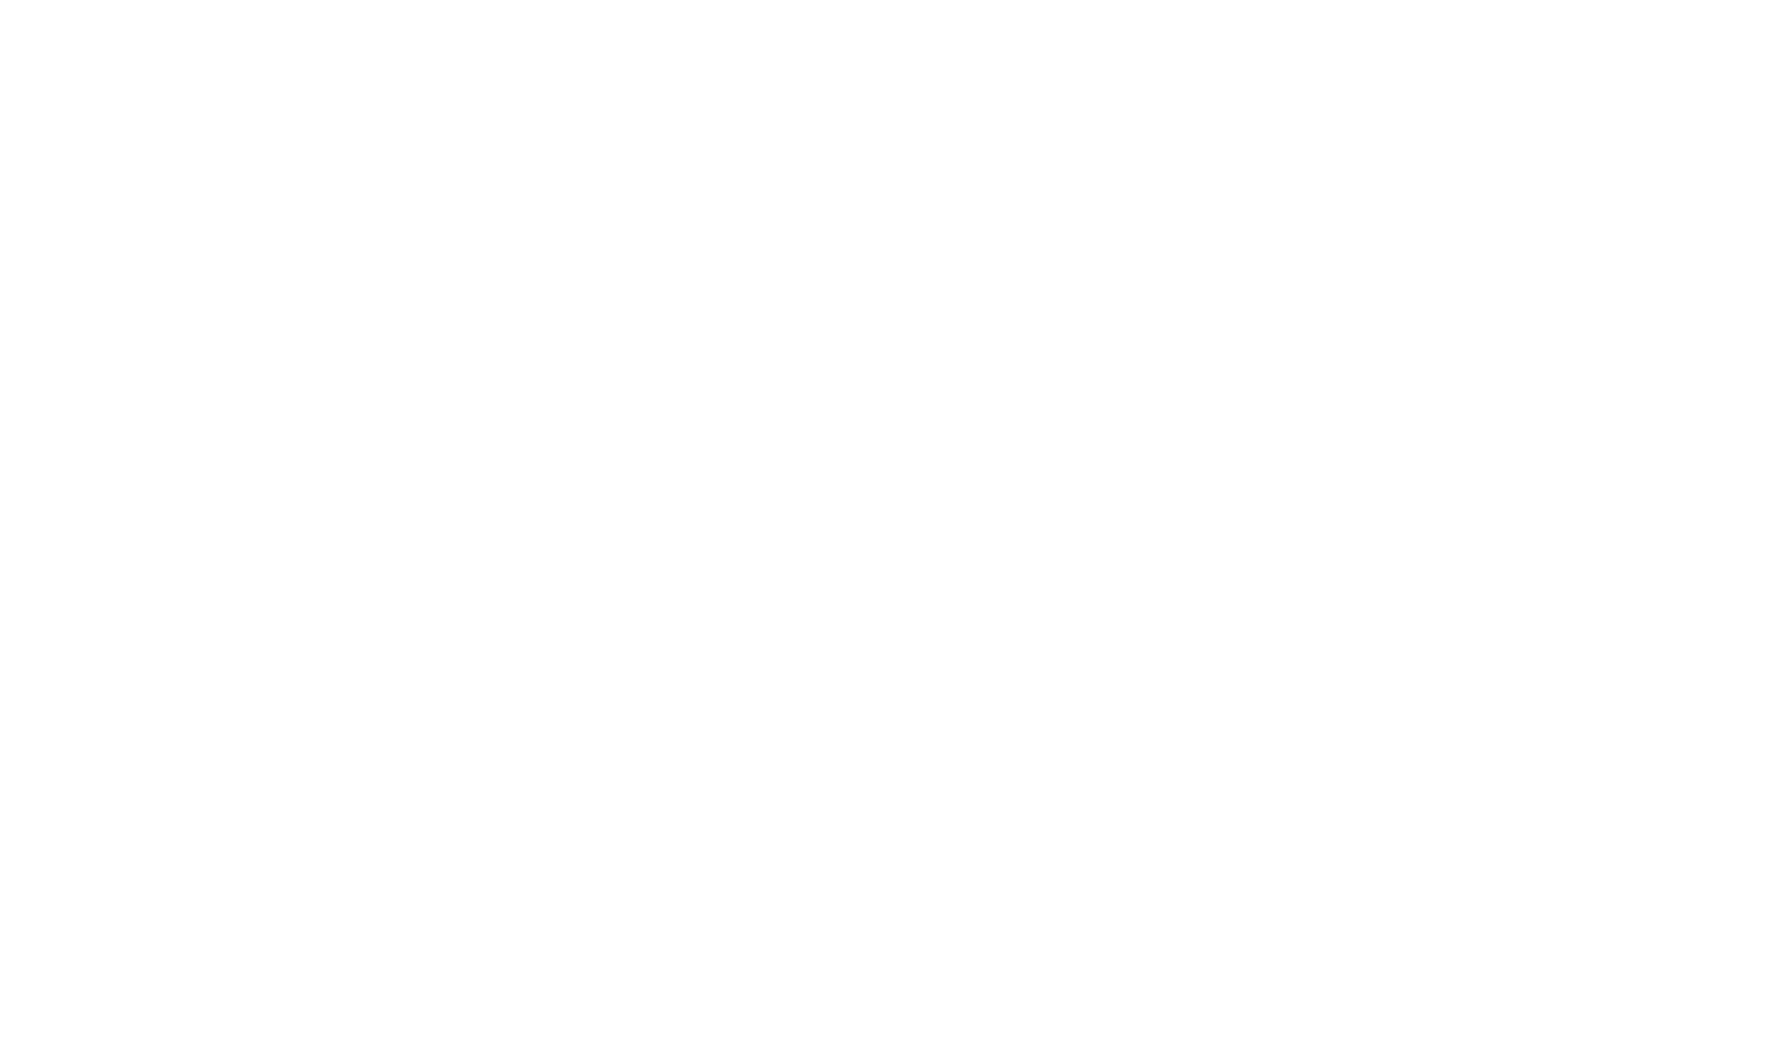 Soluciones Plan B L1